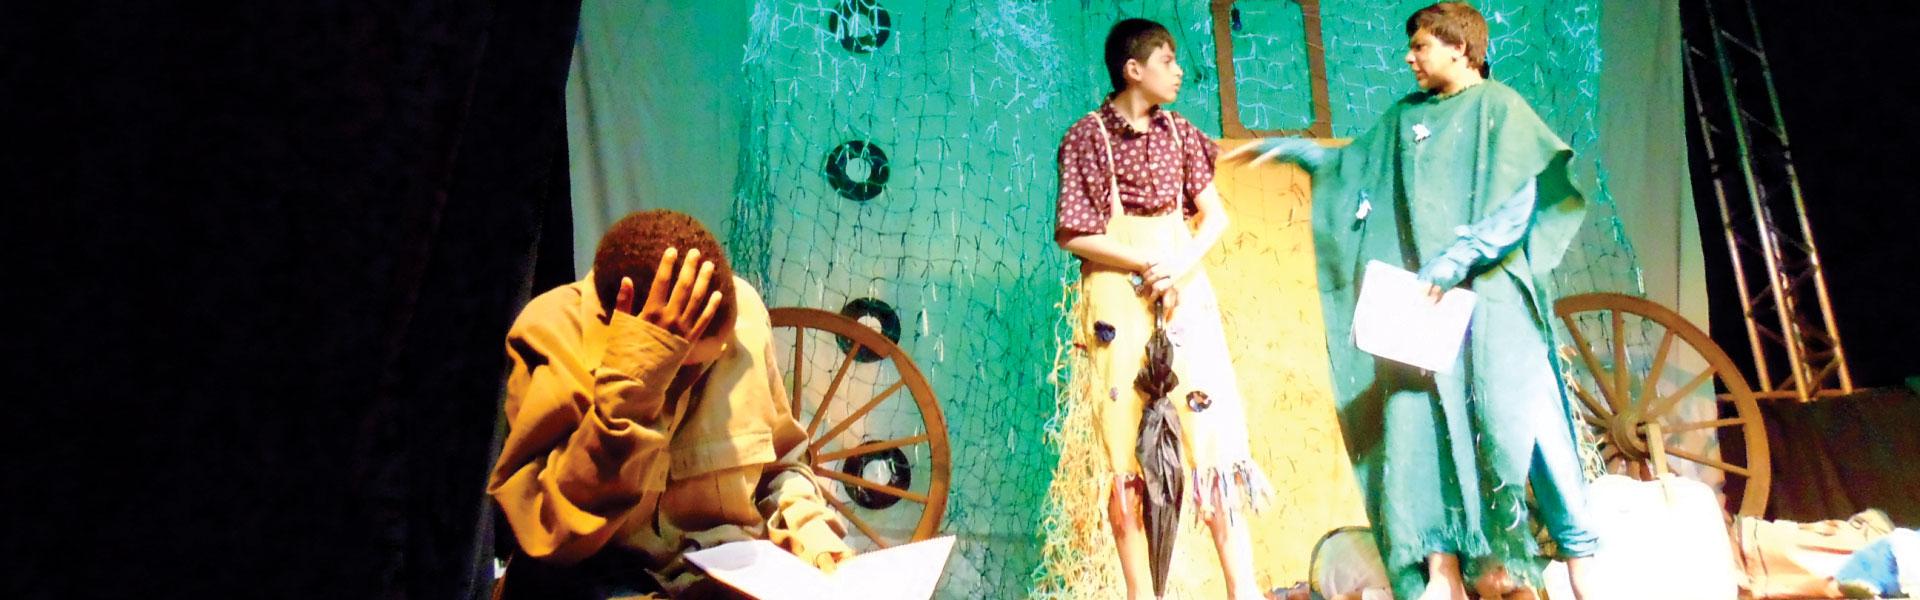 banner-teatro-colonia-espirita-fraternidade